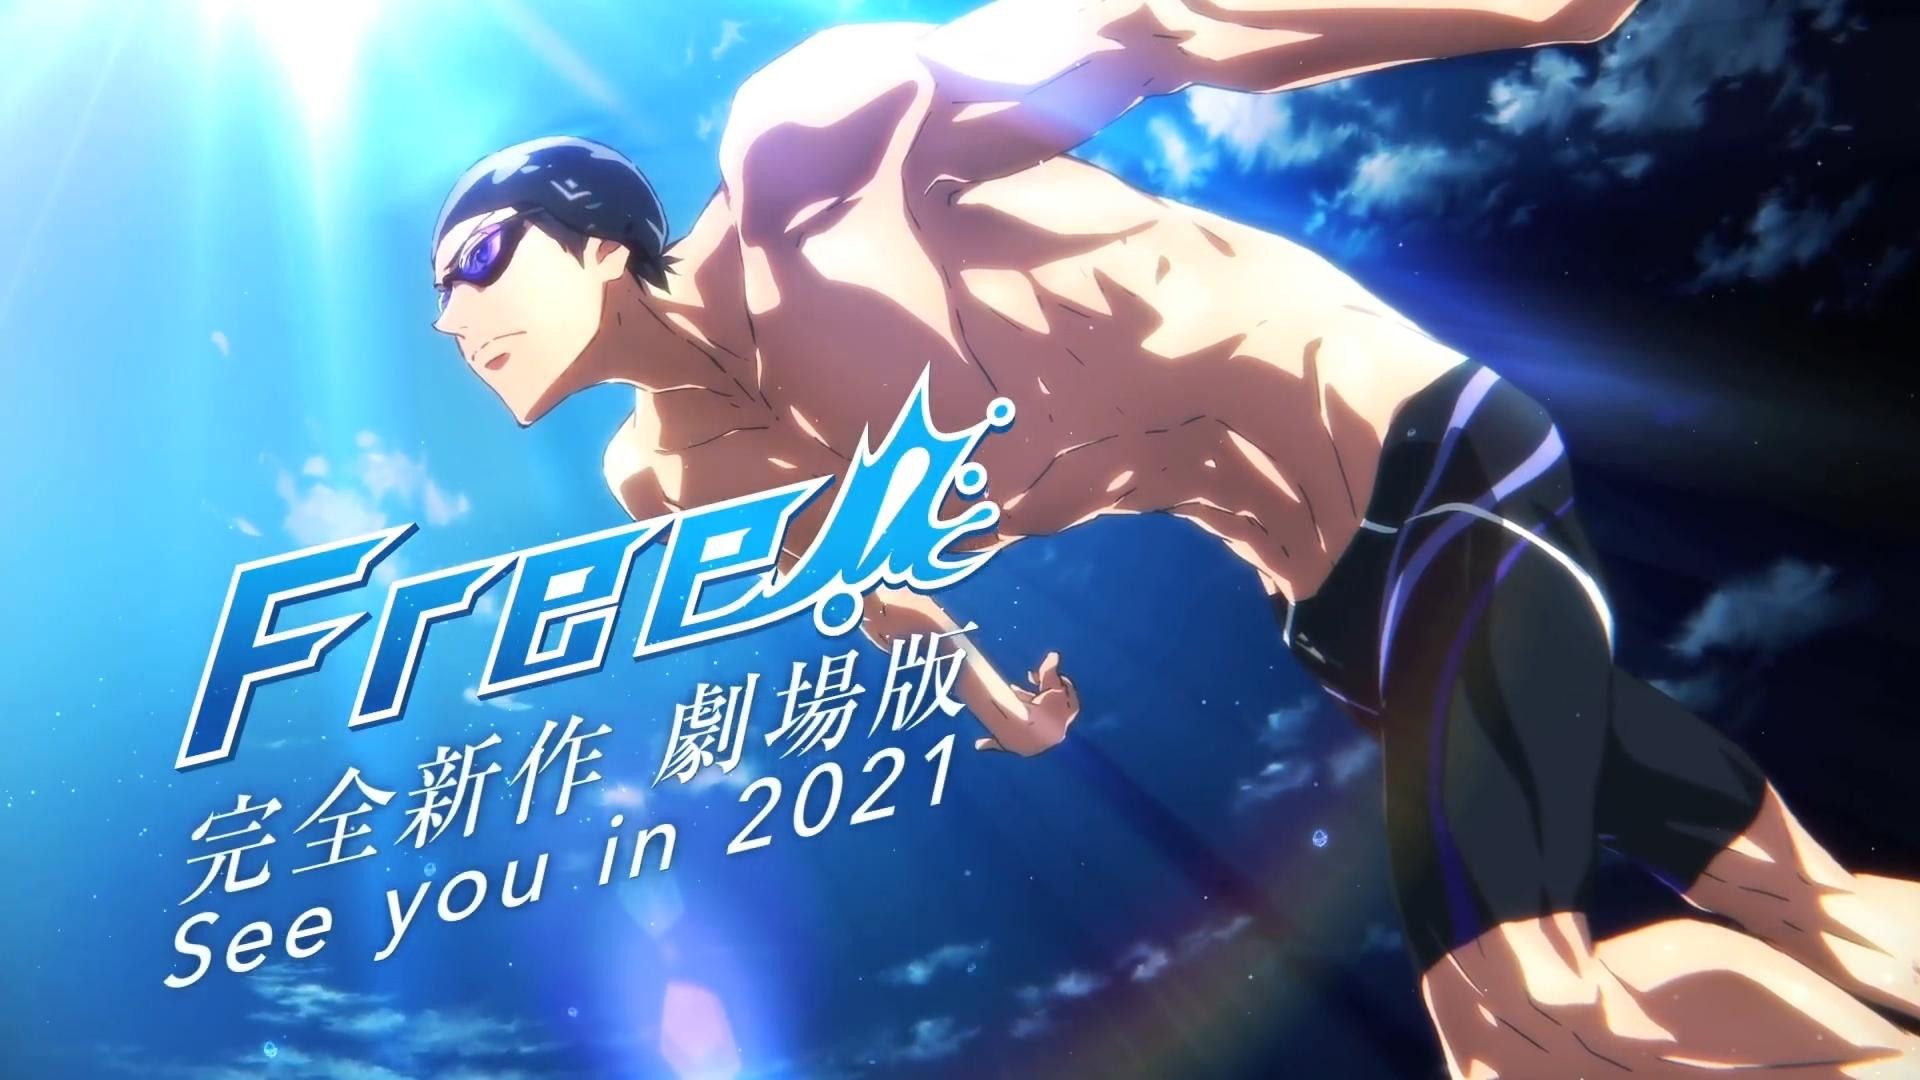 《FREE! 男子游泳部》剧场版将于2021年上映,官方预告片发布